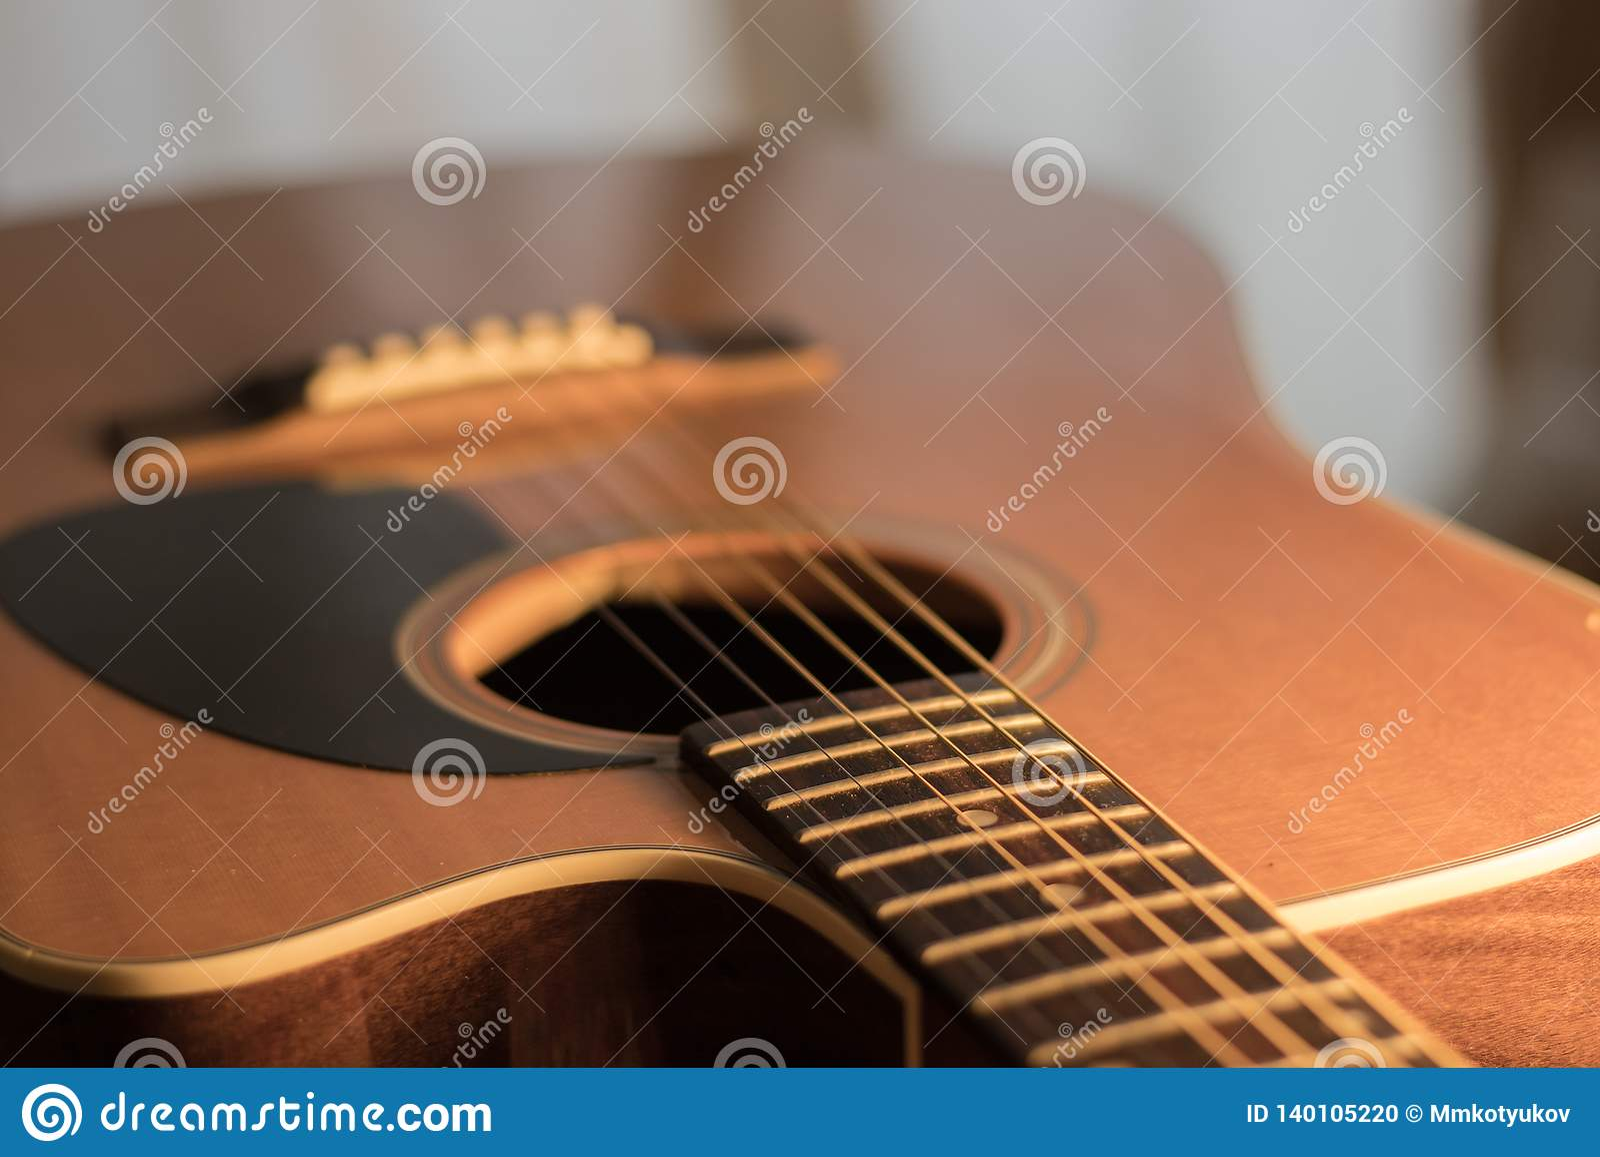 Une vue de corps de guitare acoustique